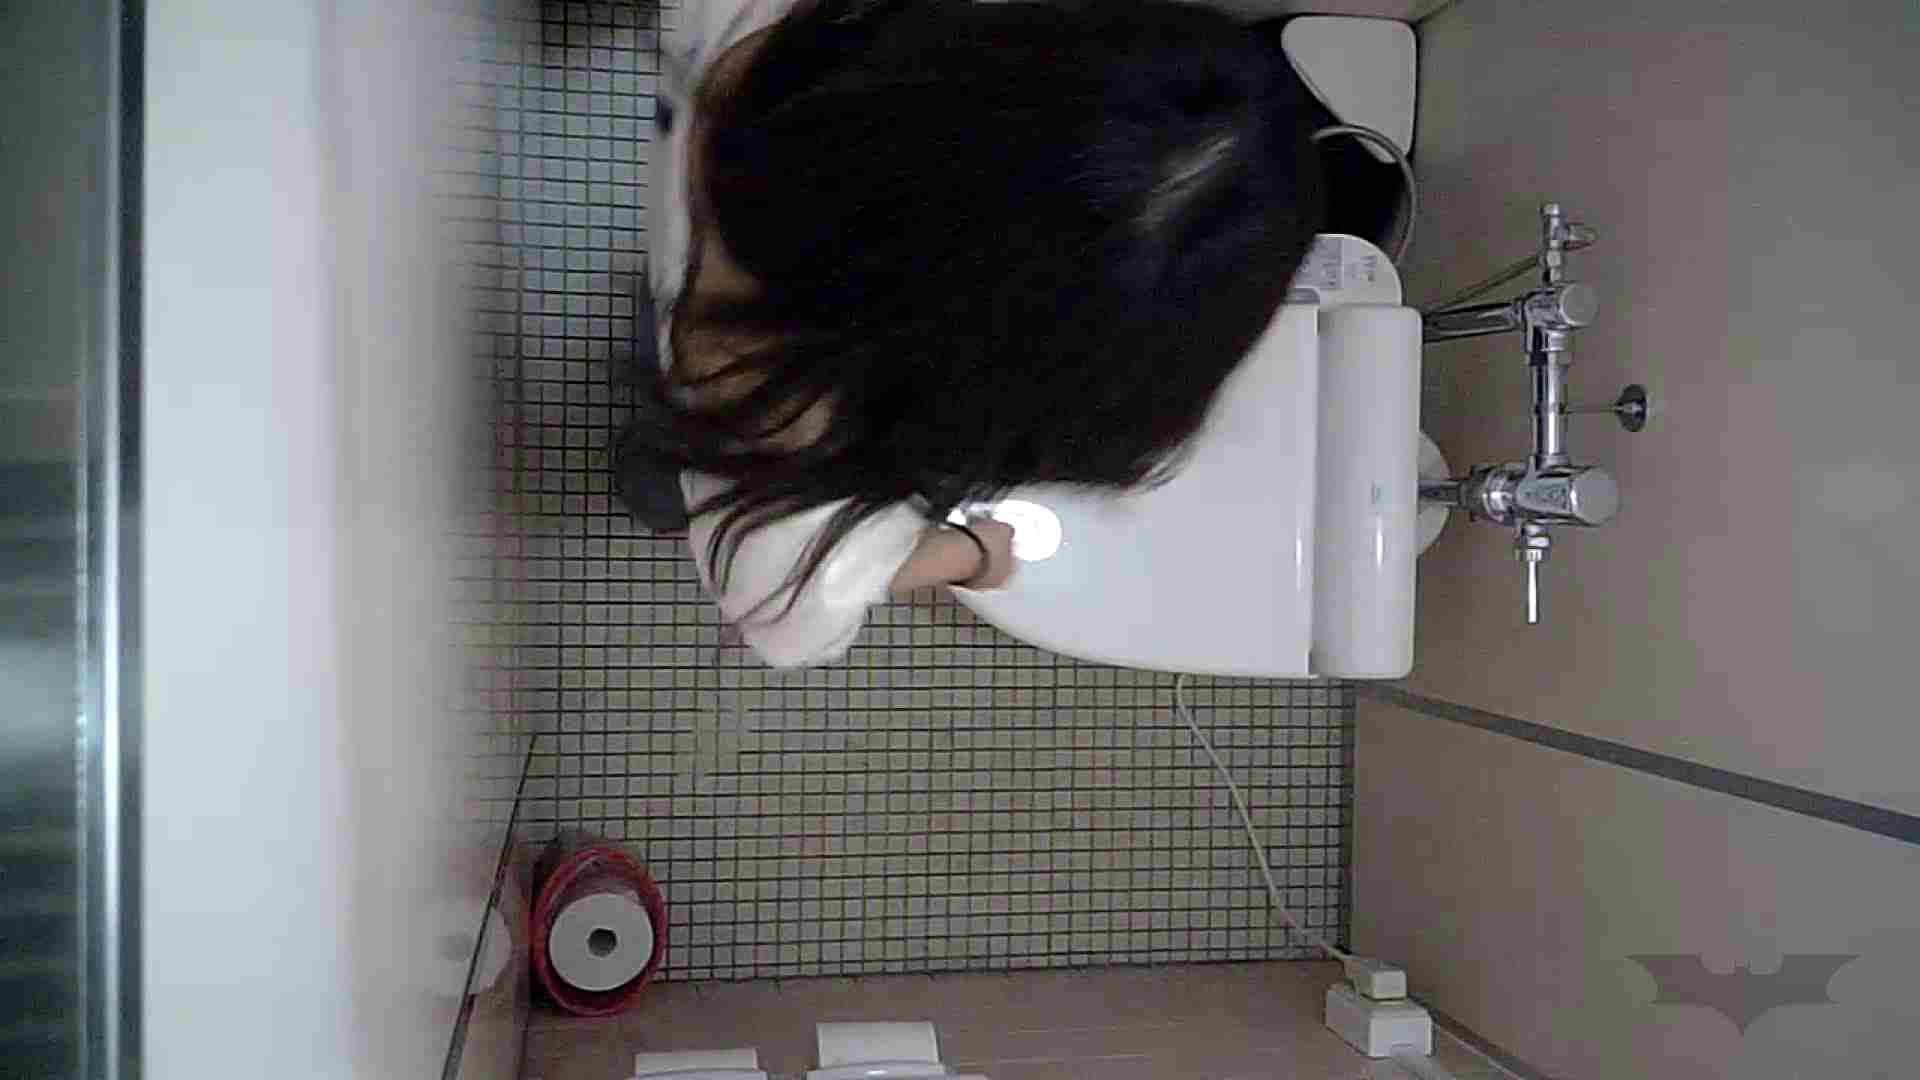 有名大学女性洗面所 vol.41 素敵なオシリとお顔がいっぱい。抜き過ぎ注意報! ギャル攻め すけべAV動画紹介 74画像 47